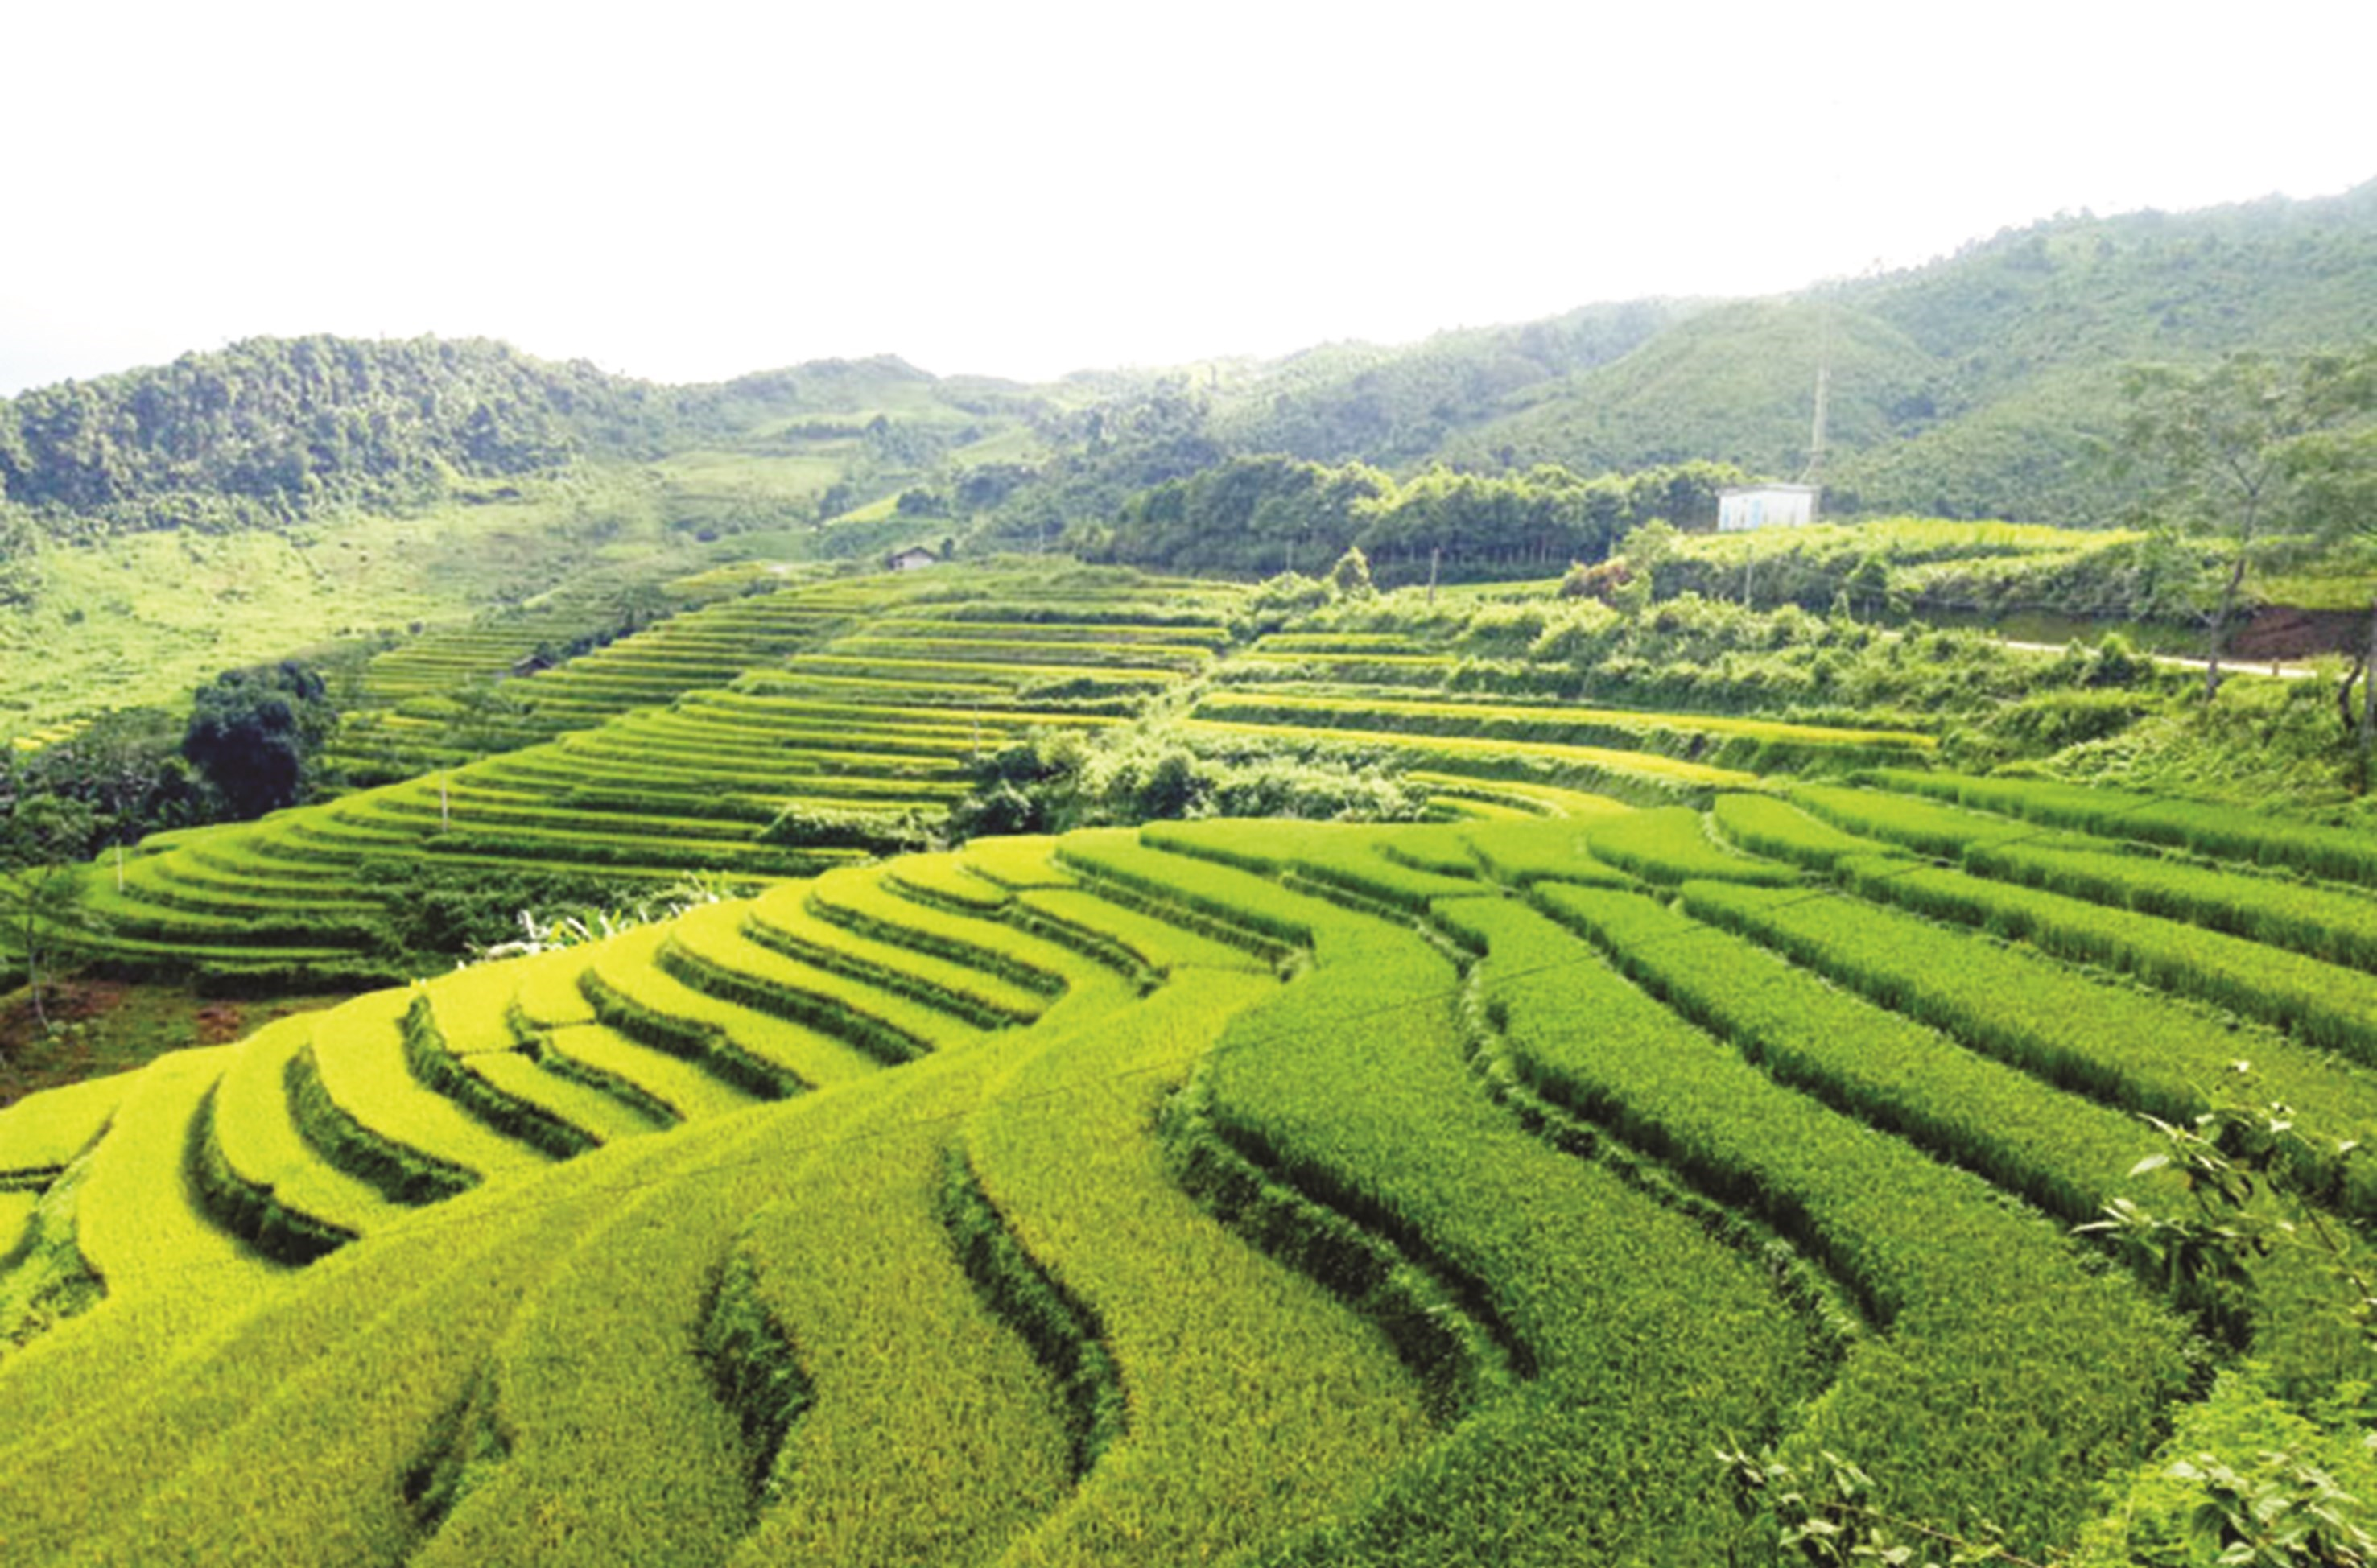 Vẻ đẹp ruộng bậc thang ở thôn Lủng Phặc, xã Cổ Linh (Pác Nặm).